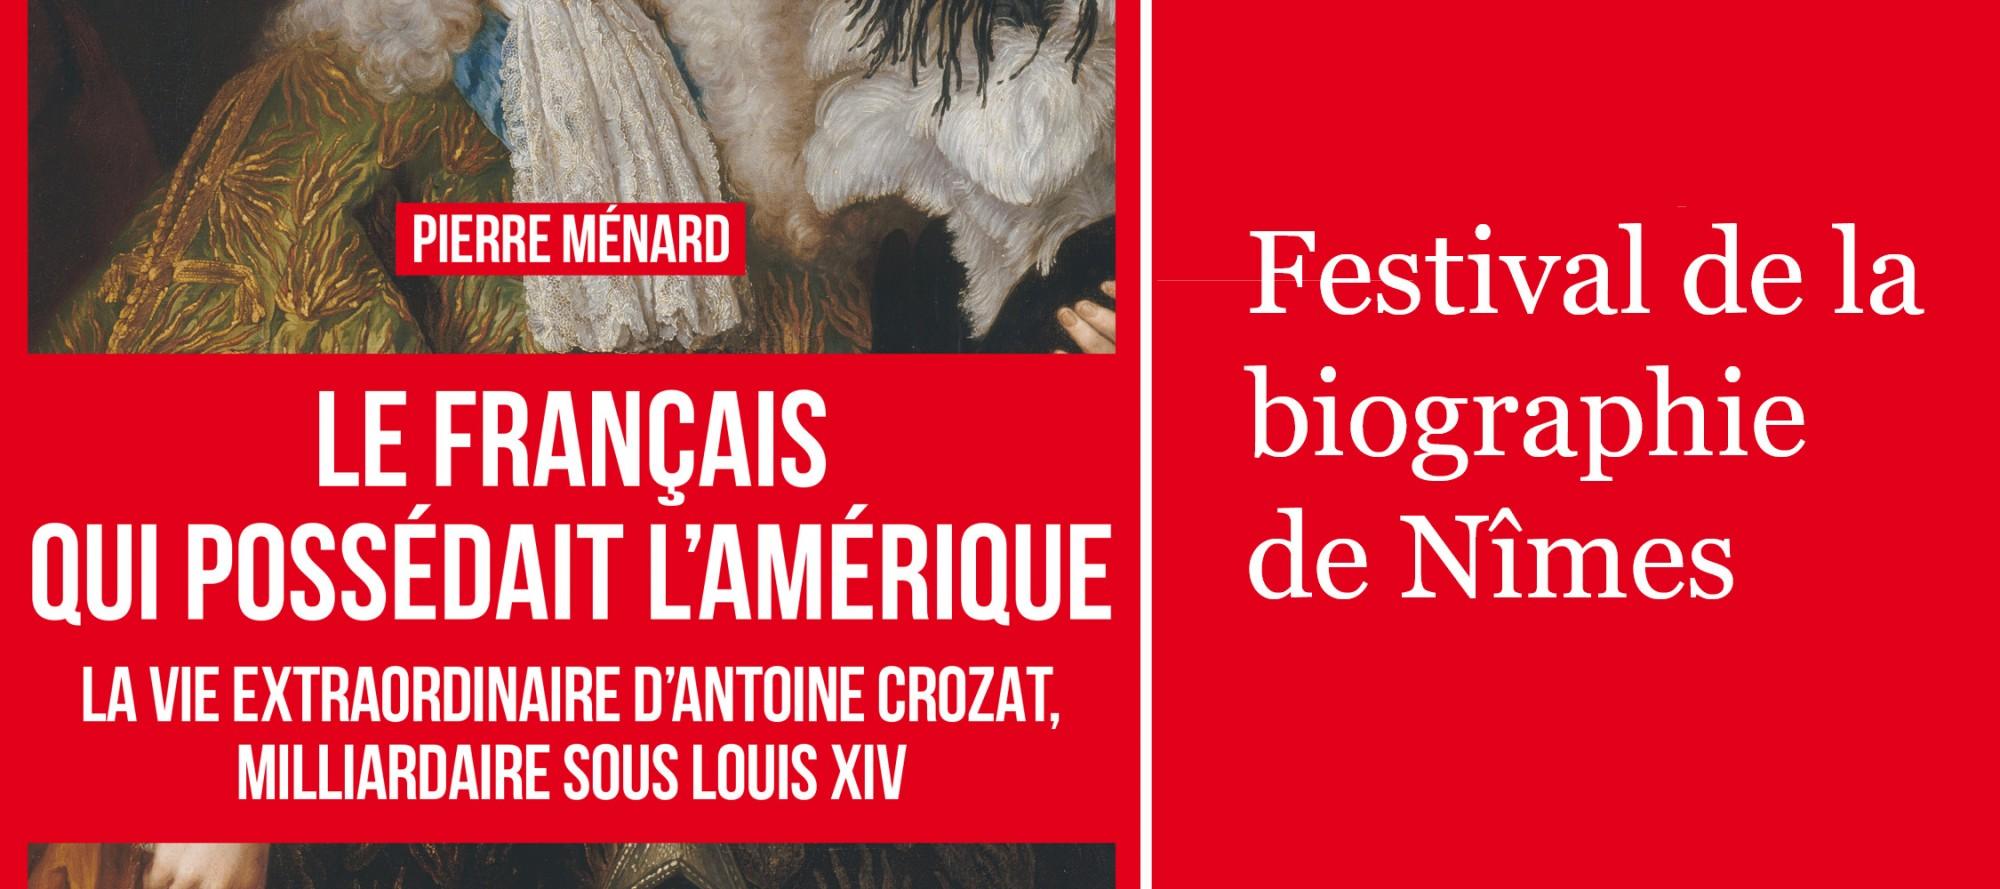 129__d_Festival_de_la_biographie_de_Nimes.jpg